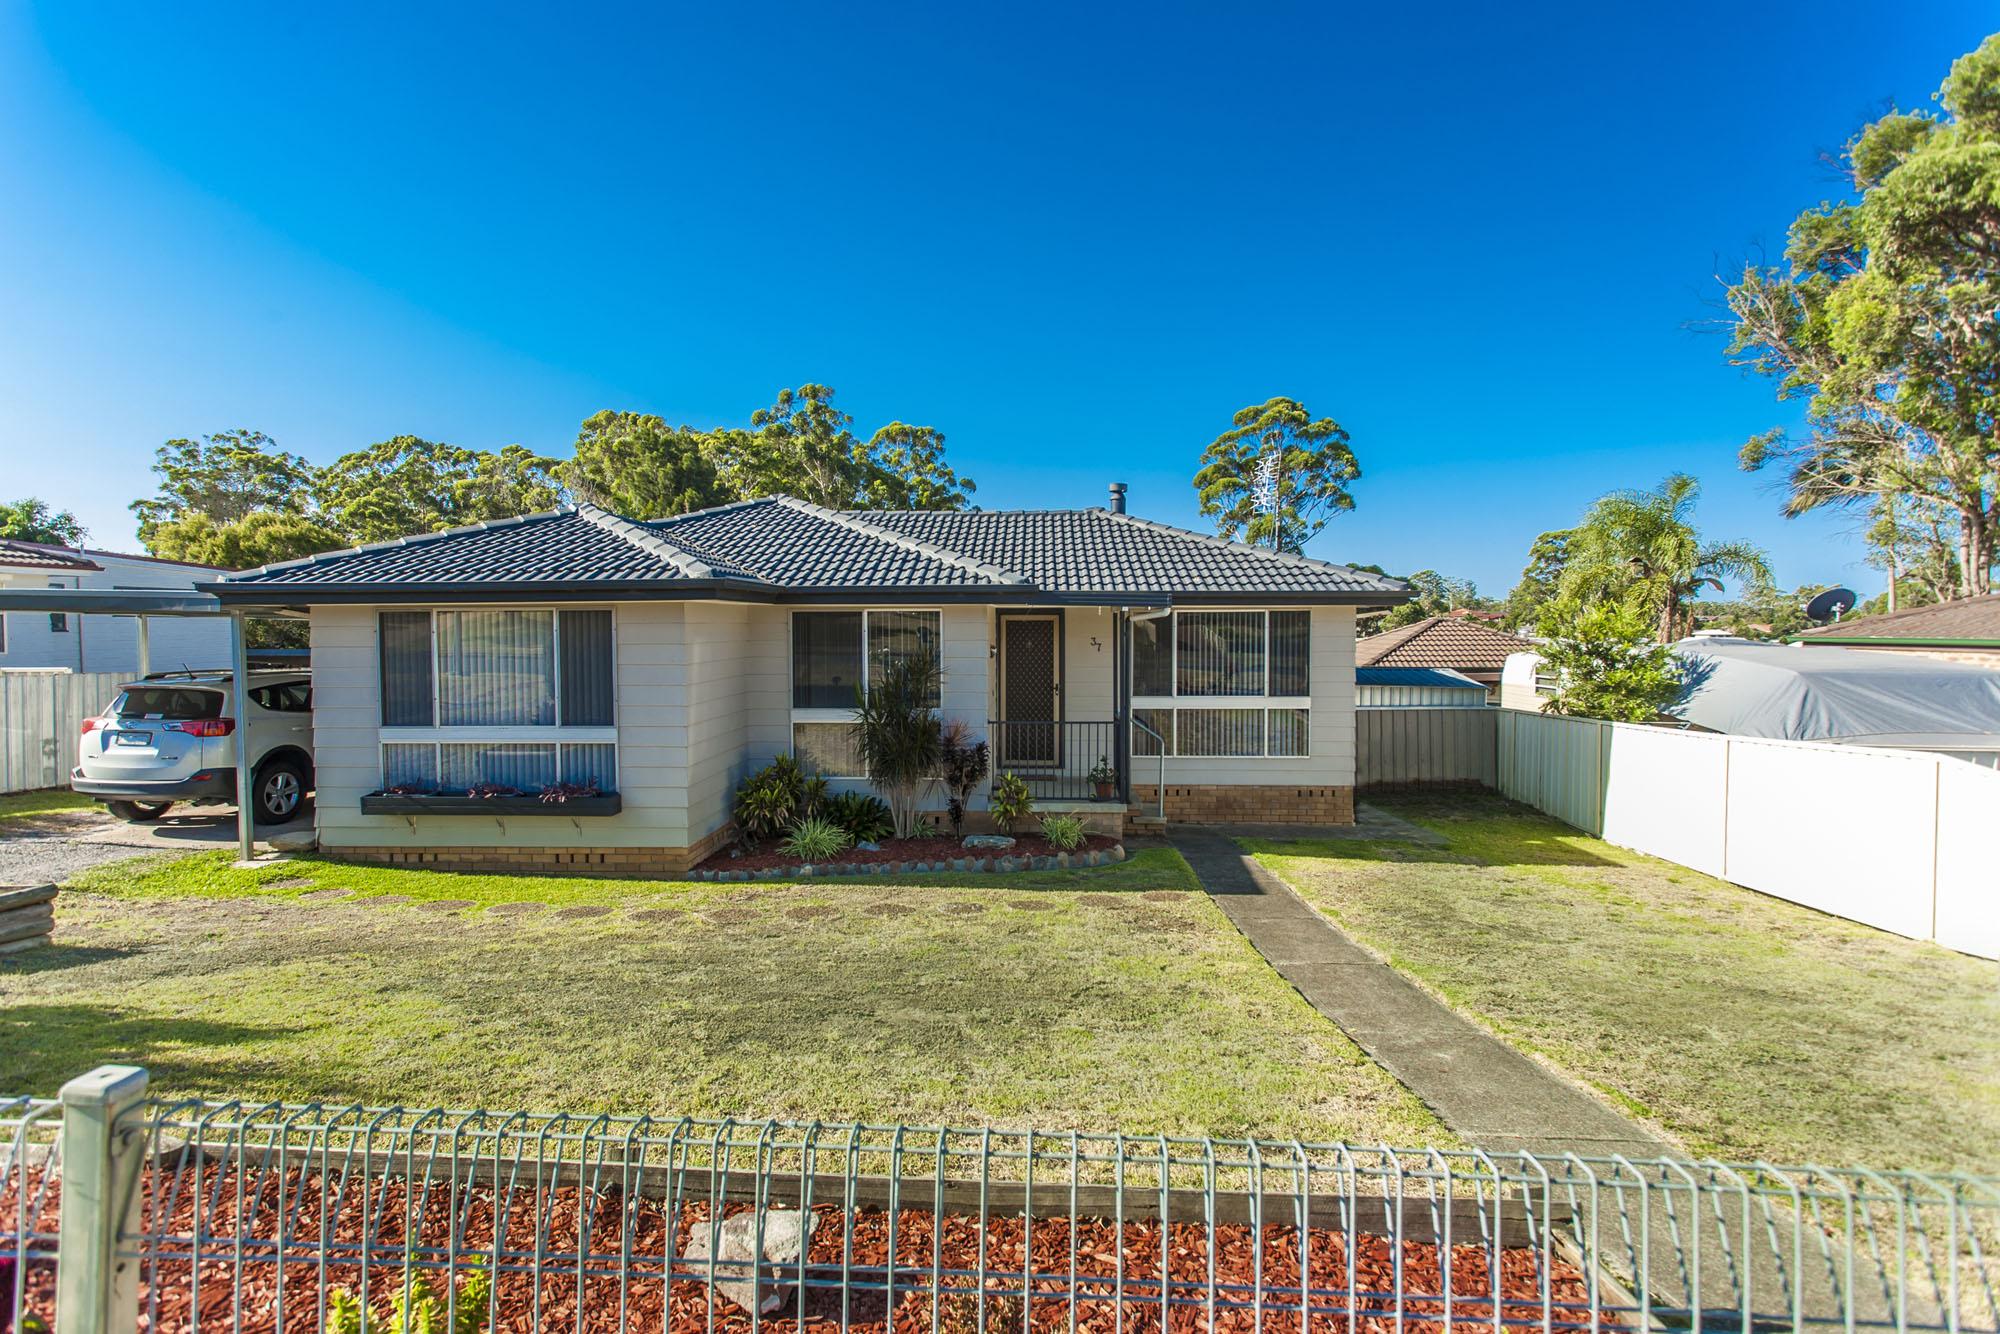 37 Brush Box Avenue, MEDOWIE, NSW, 2318 - Image